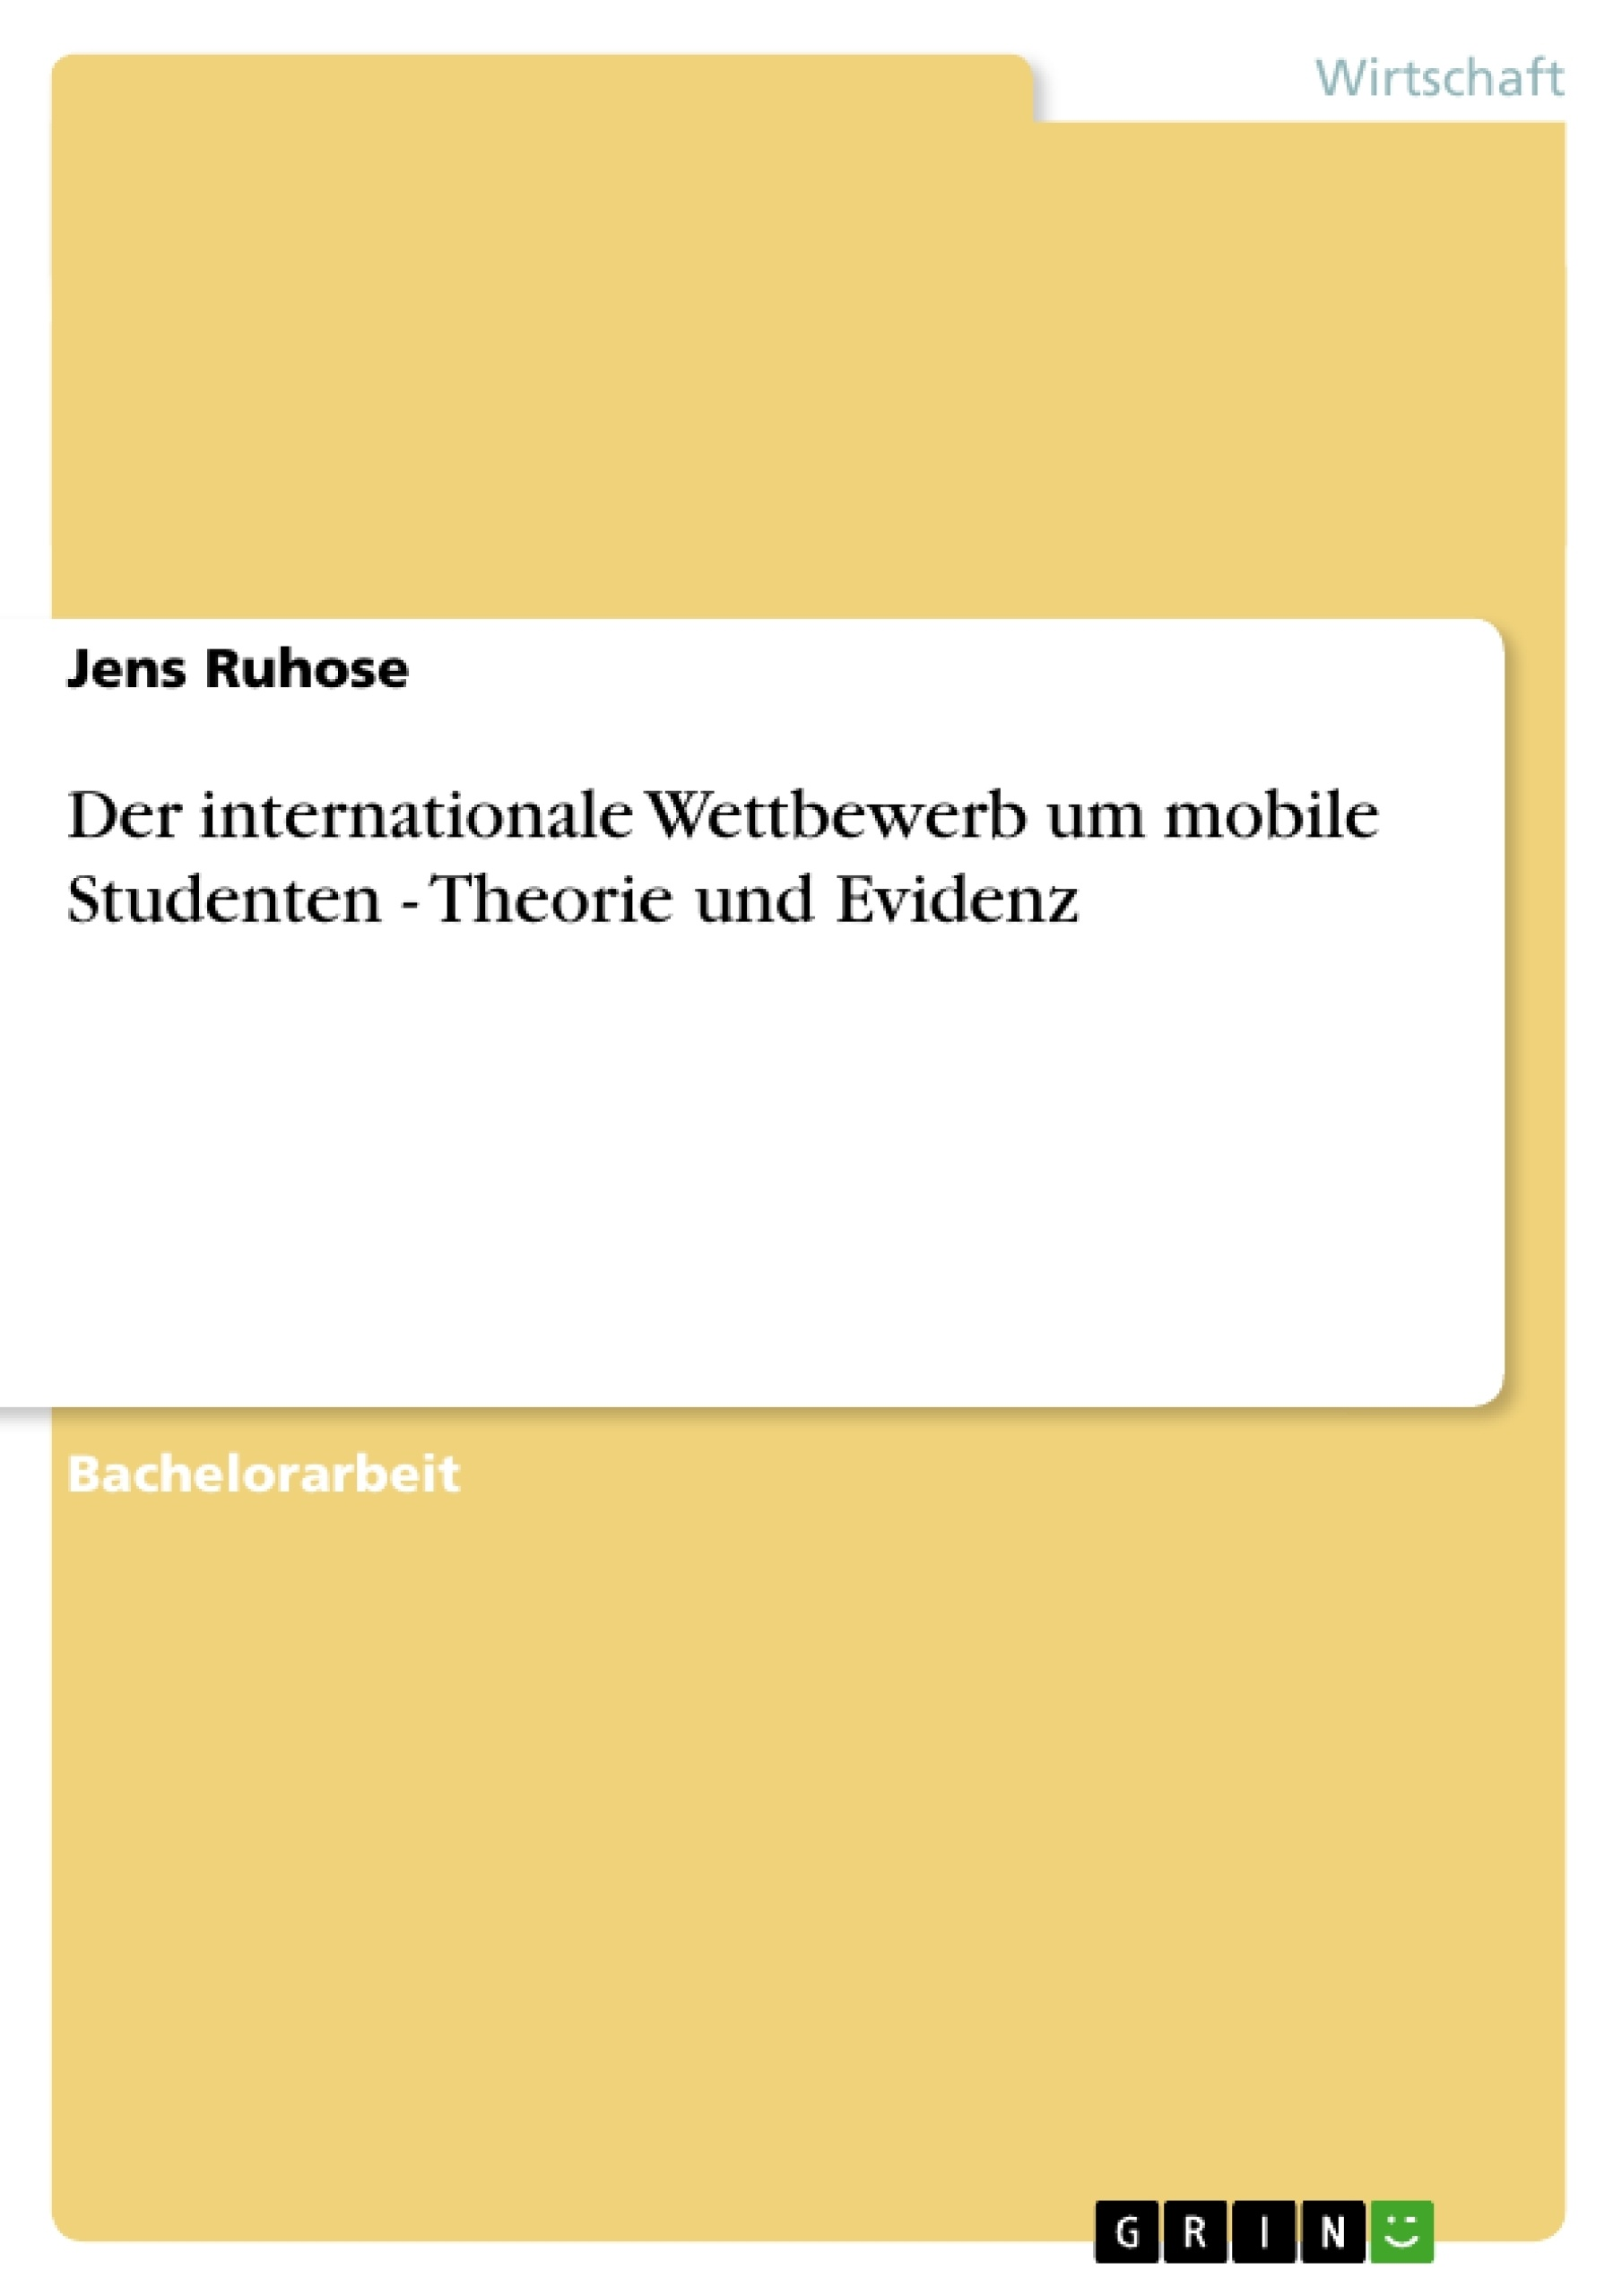 Titel: Der internationale Wettbewerb um mobile Studenten - Theorie und Evidenz